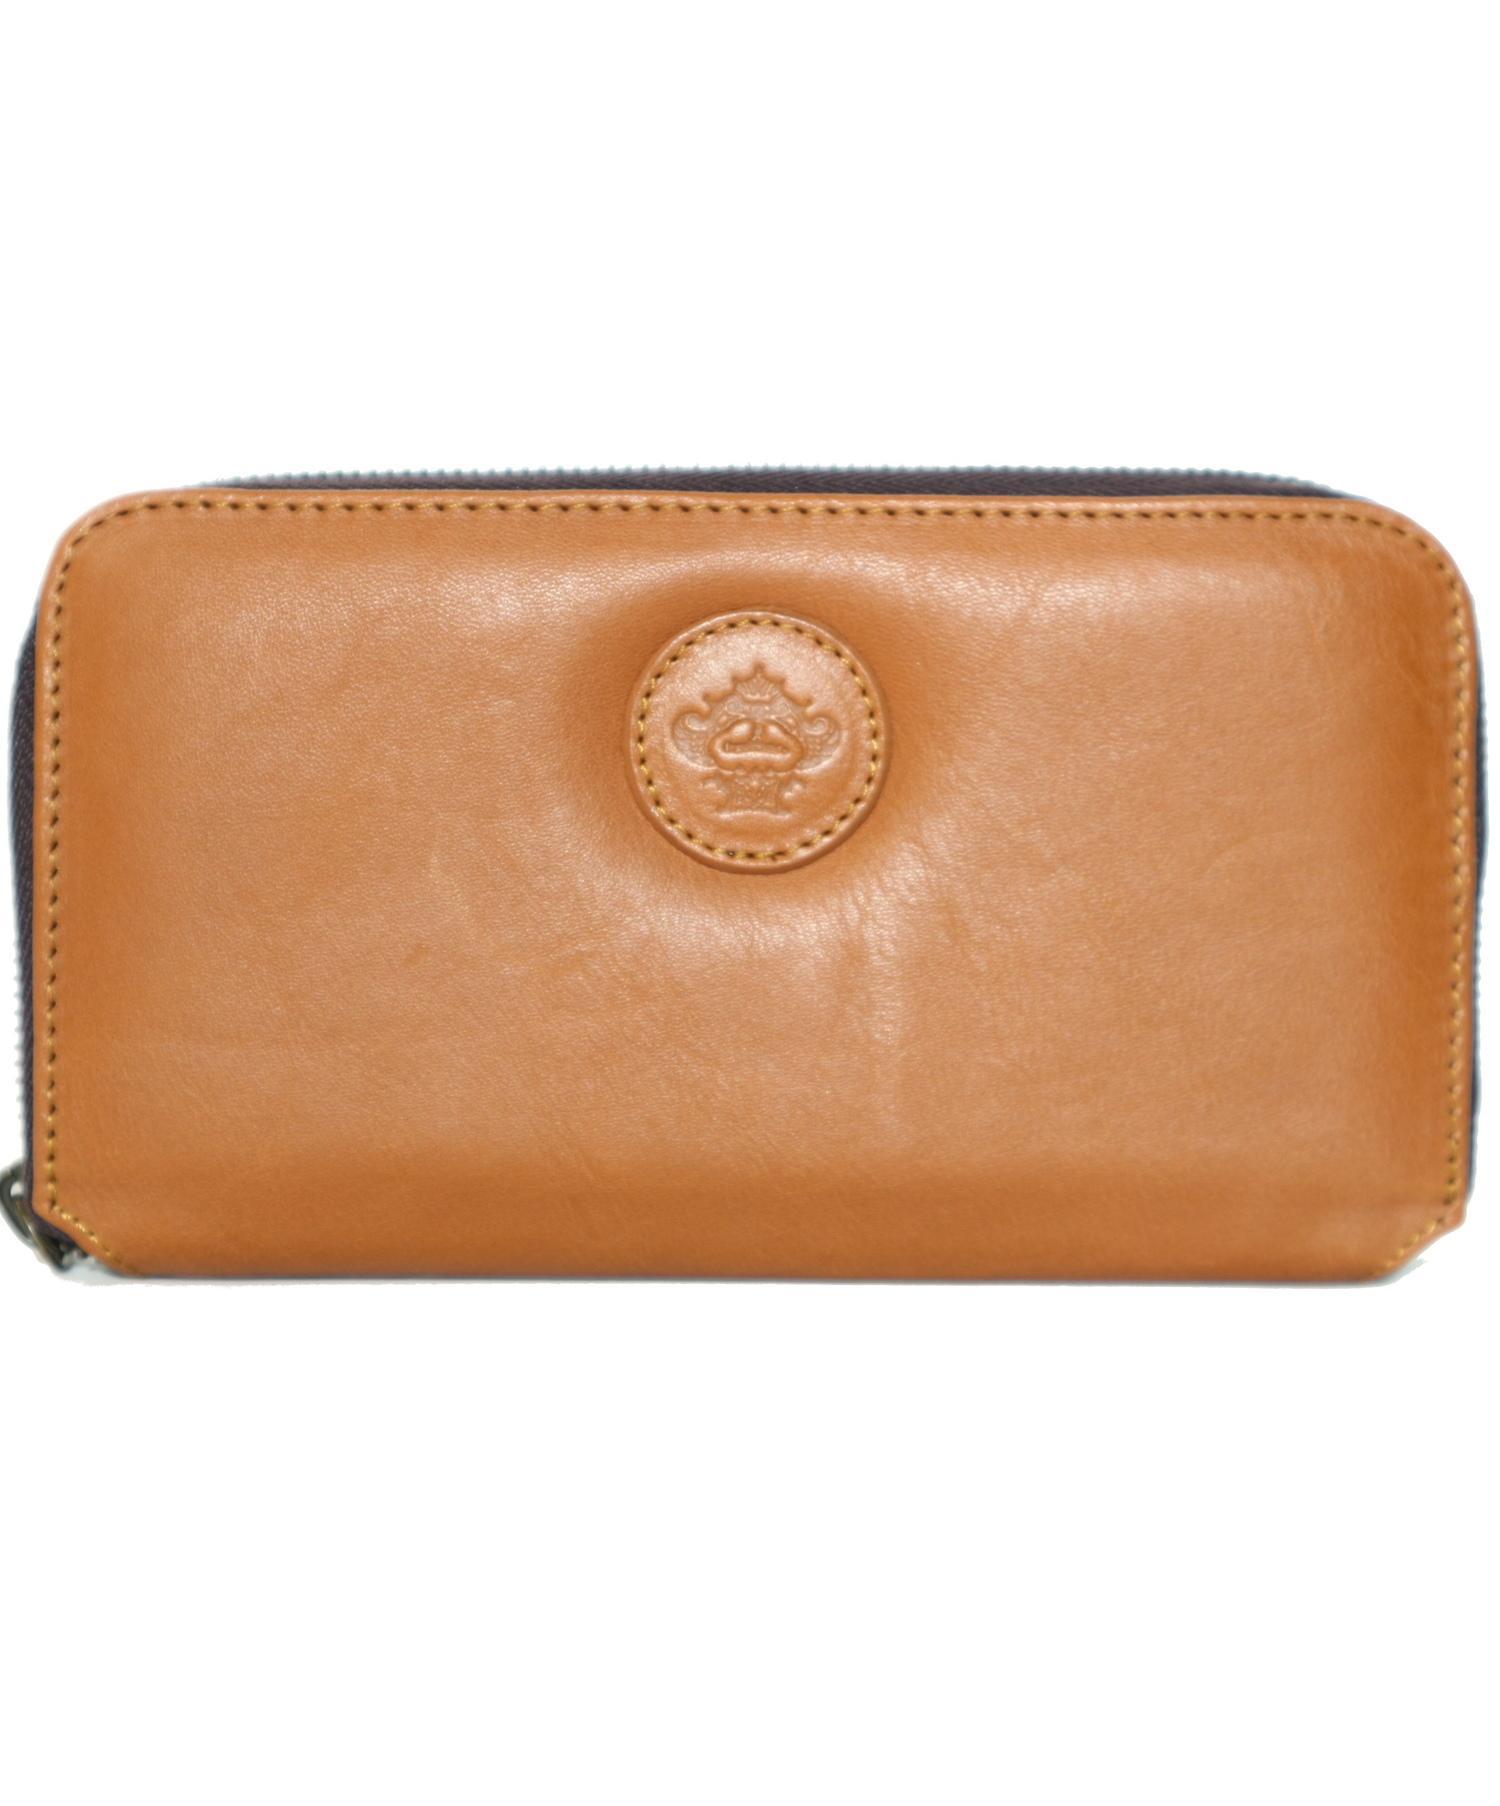 finest selection d79bb 0dd47 [中古]Orobianco(オロビアンコ)のメンズ 服飾小物 長財布